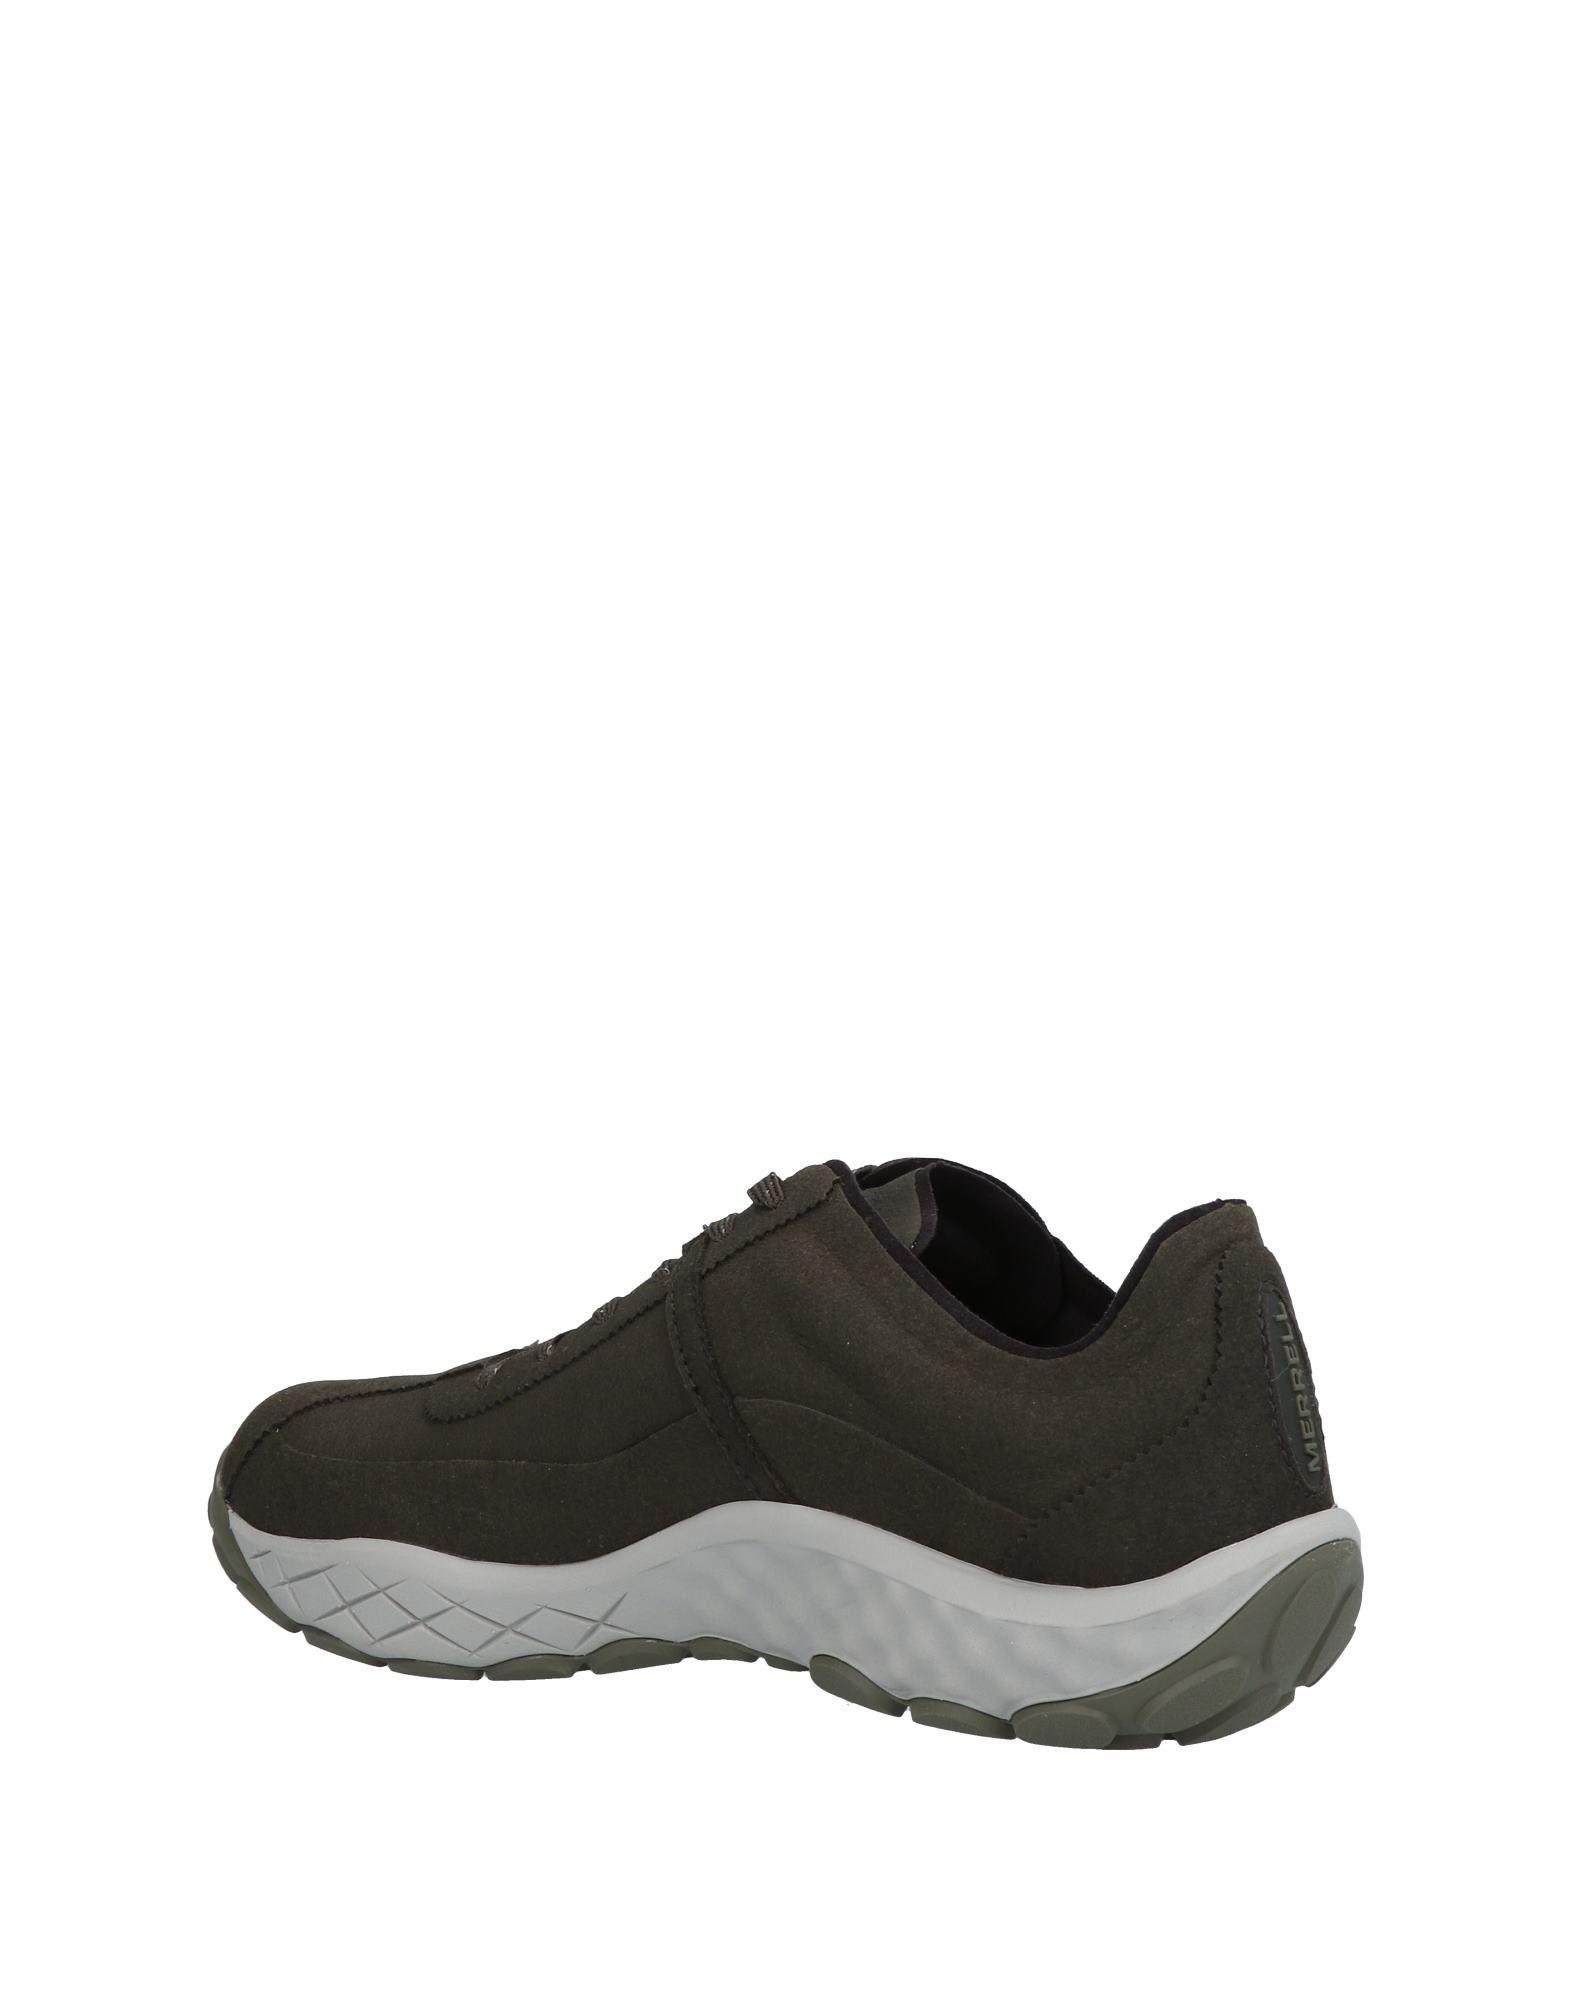 Herren Merrell Sneakers Herren   11458918FO Heiße Schuhe 73dc74